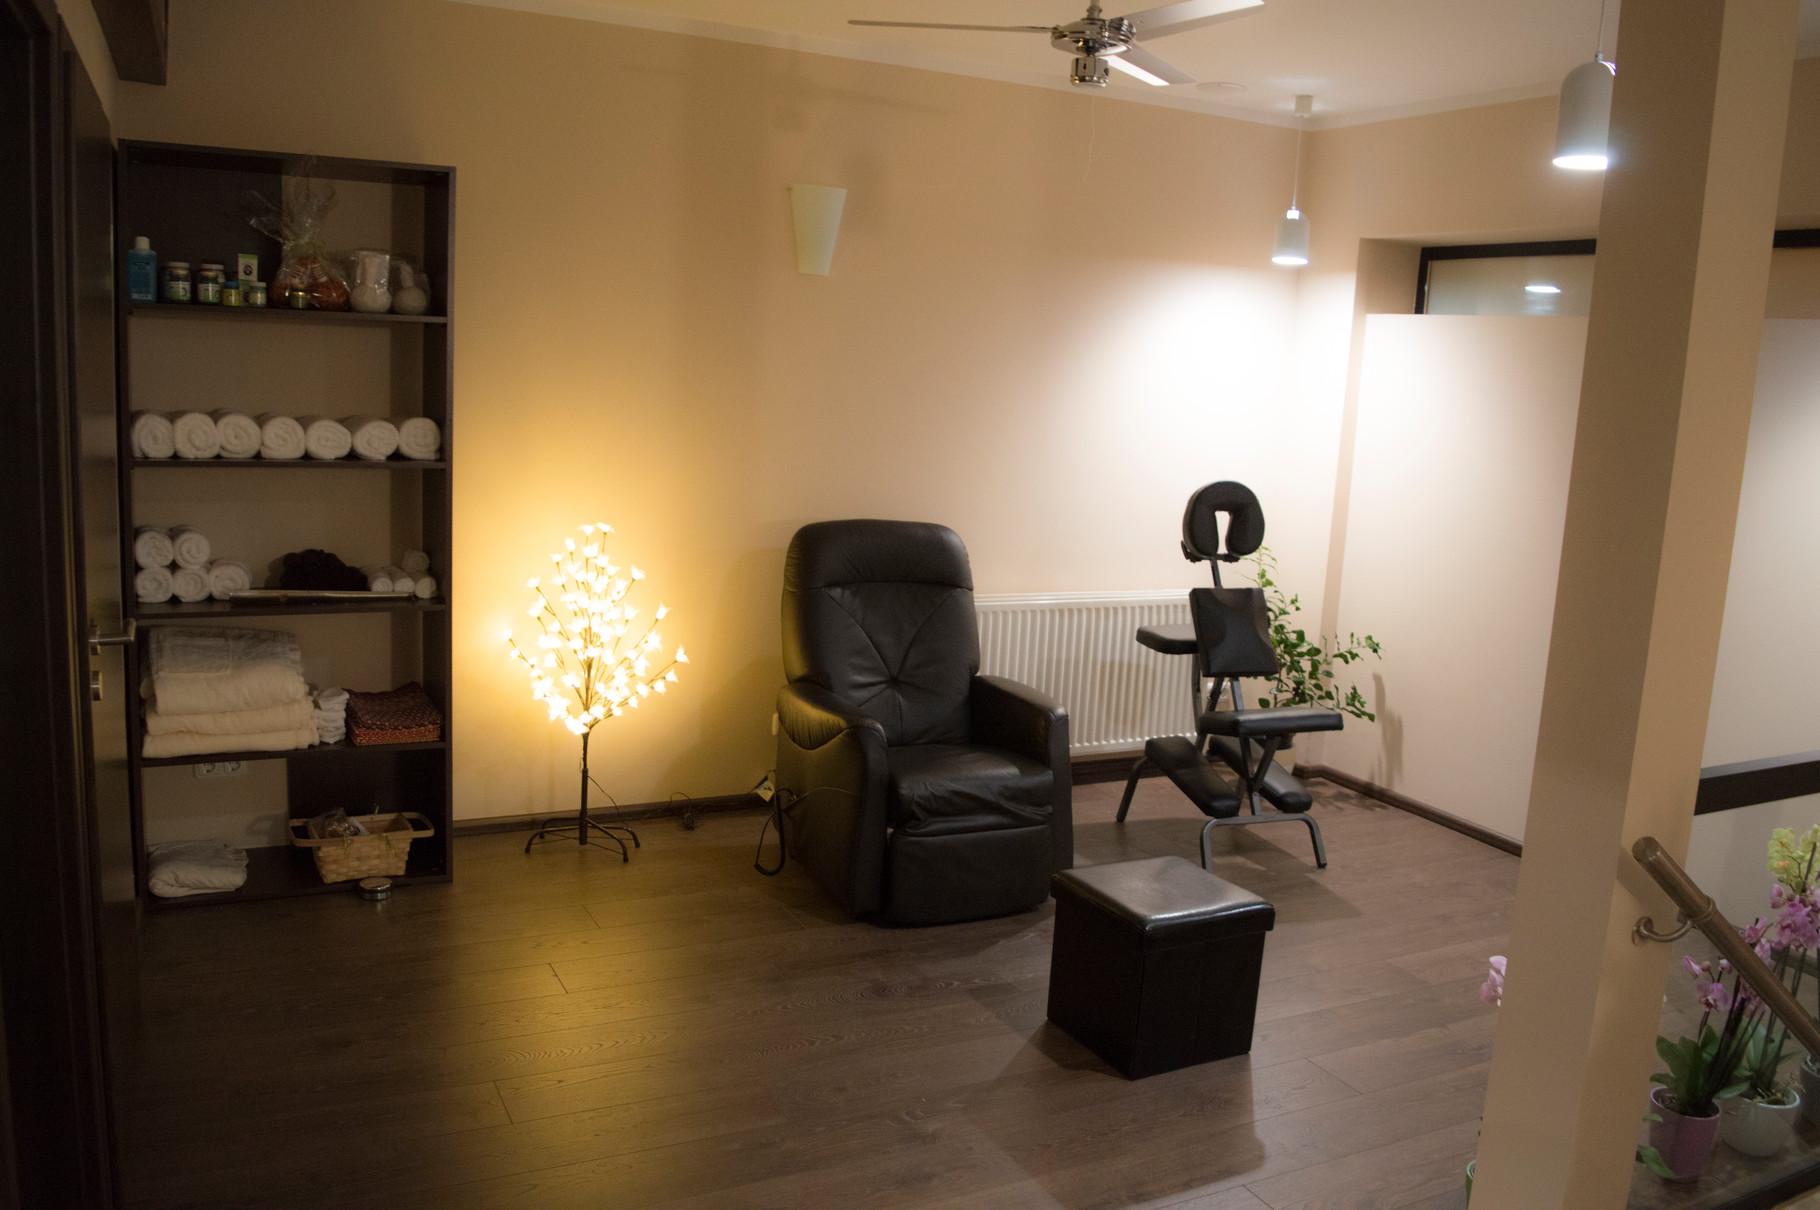 Fußmassage und Massagesessel